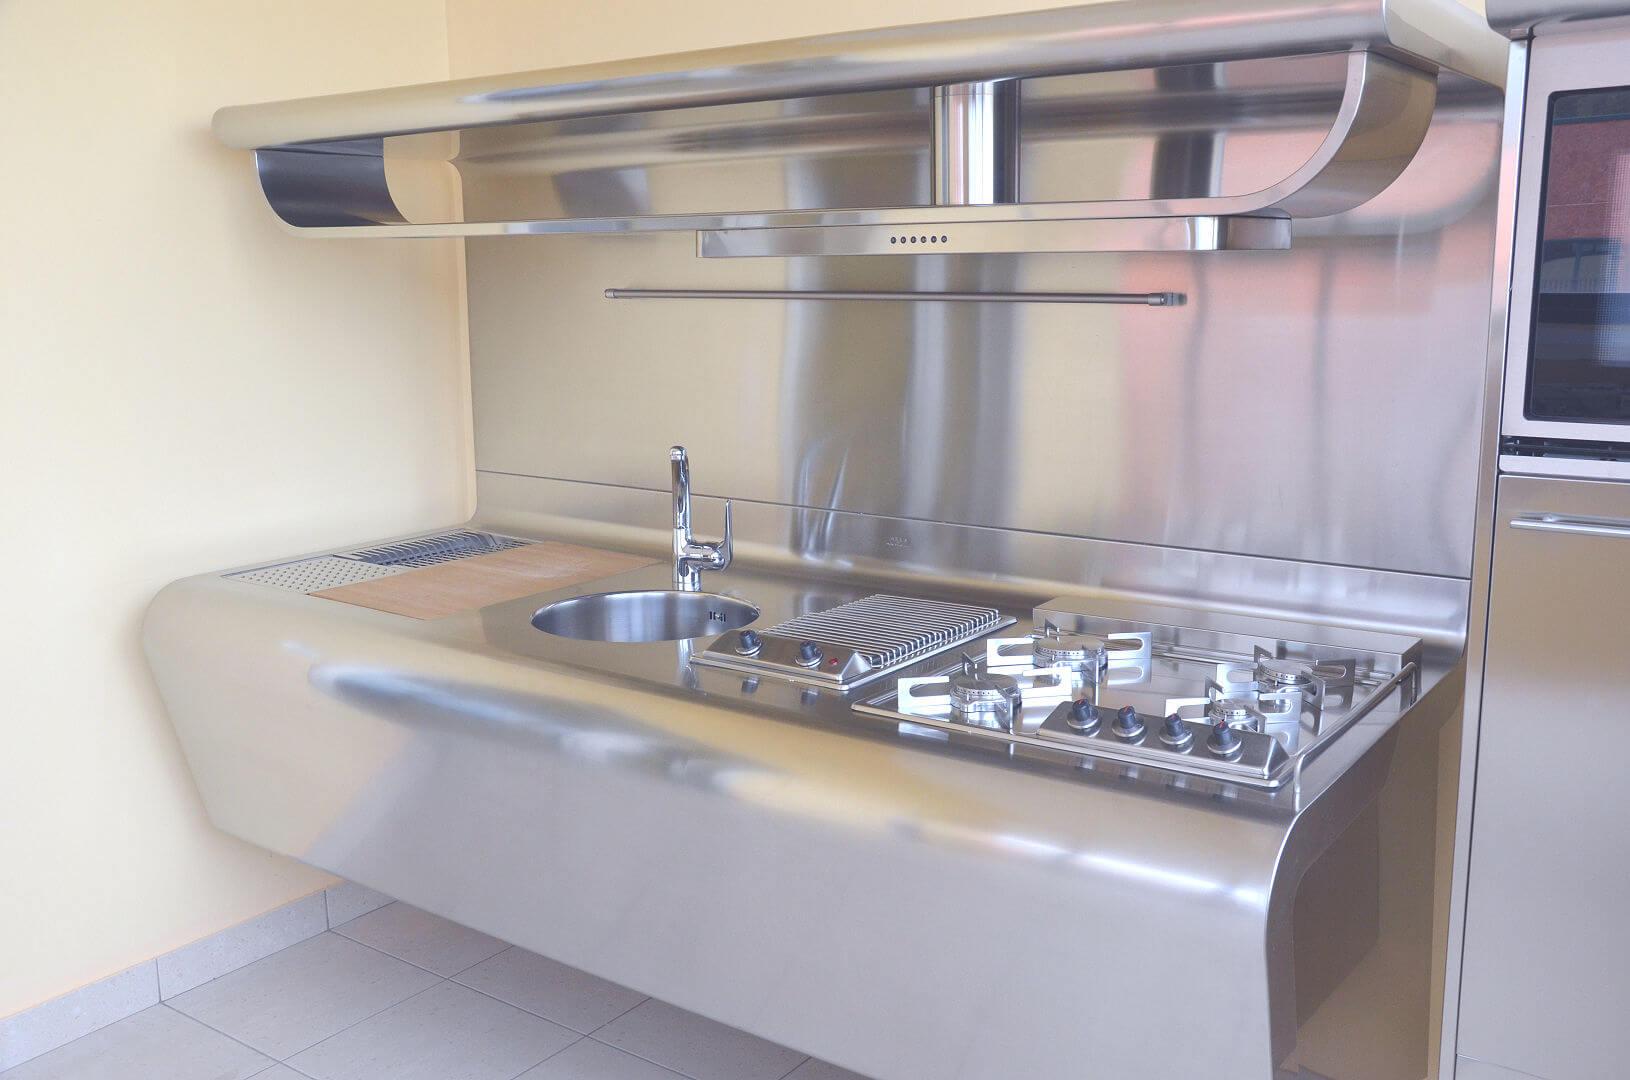 Yacth - Arca Cucine Italia - Cucine in Acciaio Inox